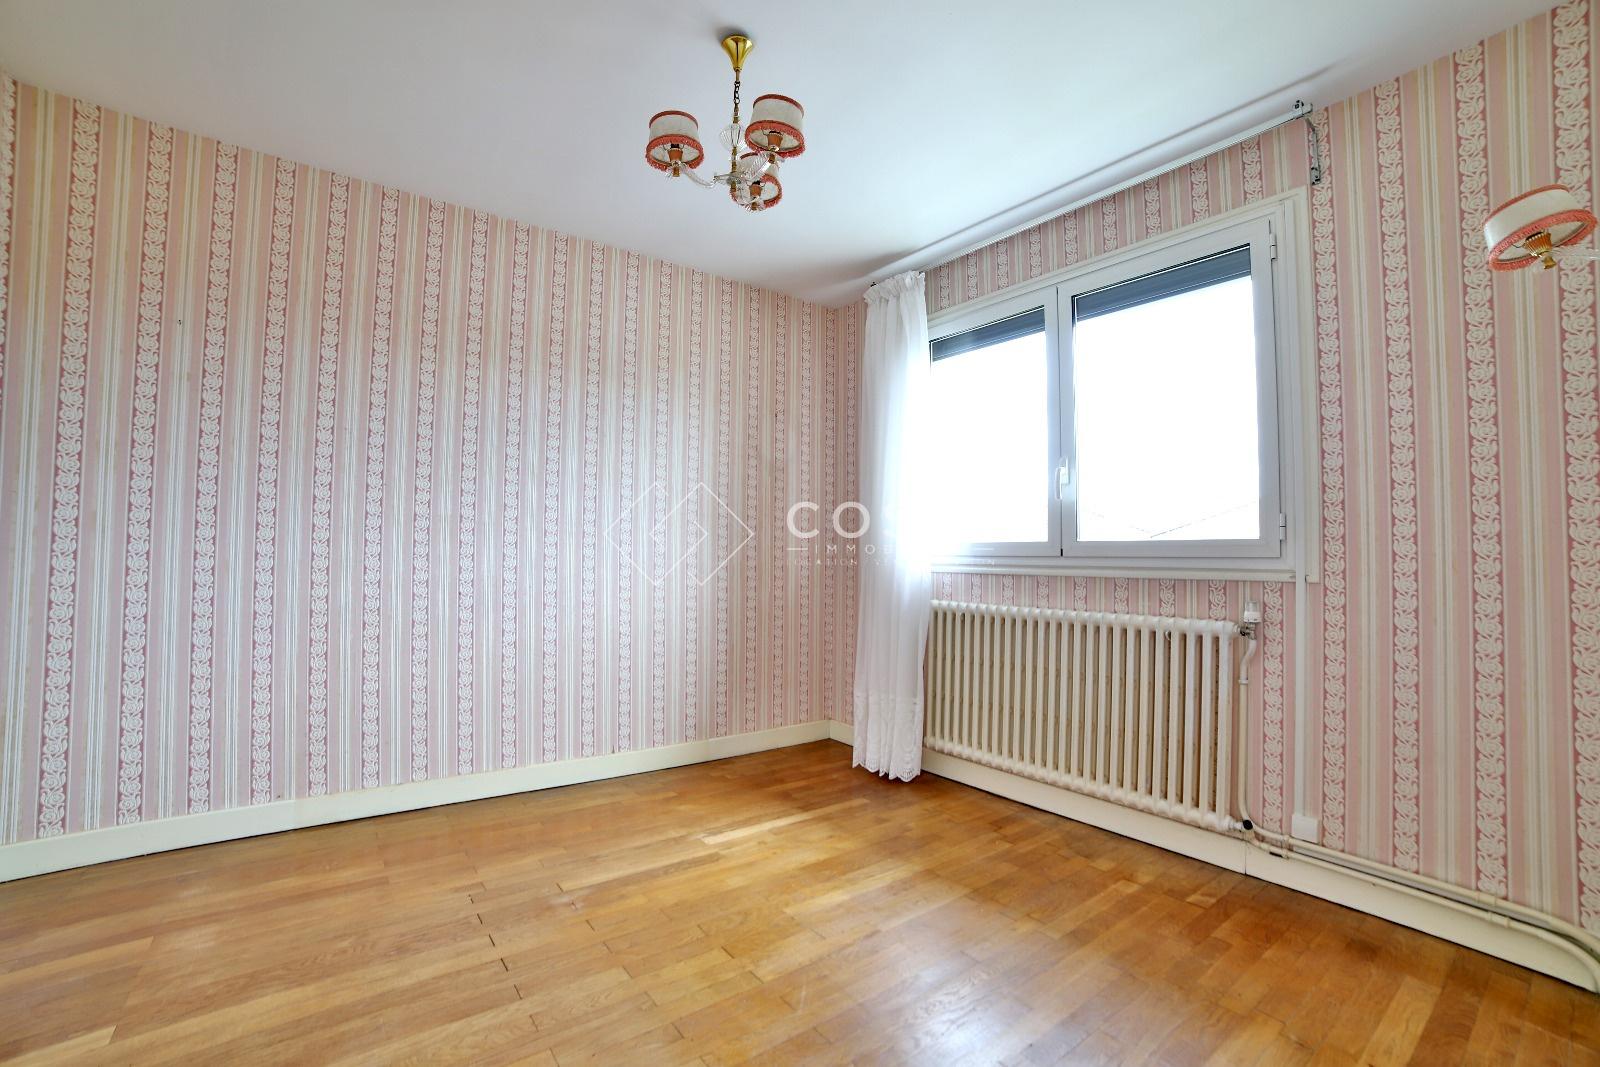 Garage Feytiat à vente maison à feytiat 6 pièces 125m² 149 500€ sur le partenaire